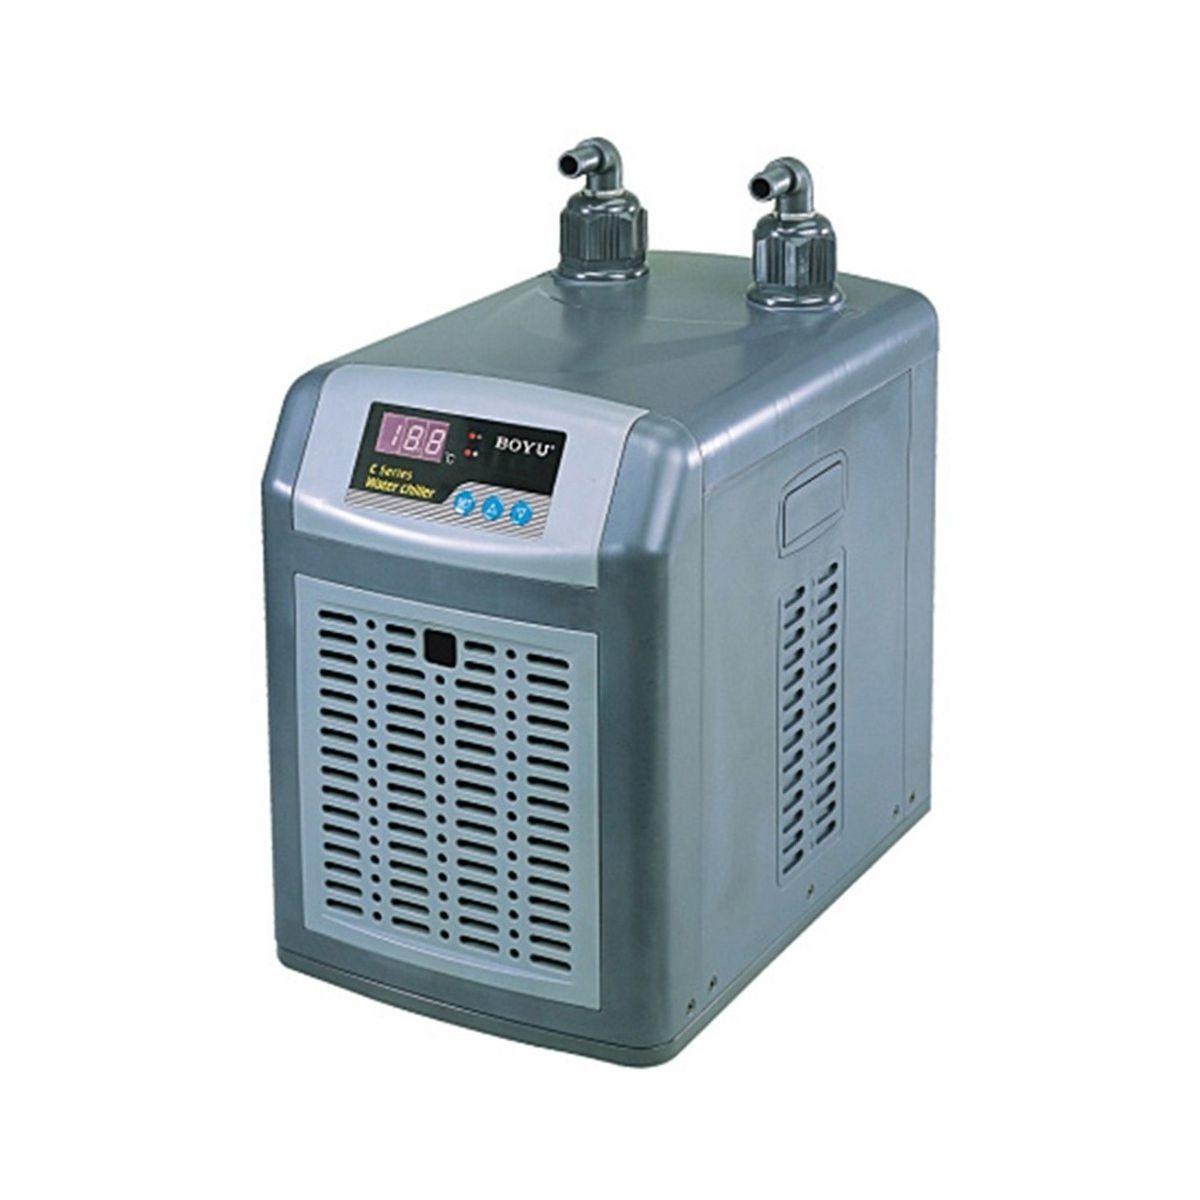 Chiller Resfriador Boyu C-250 1/4 Hp 110v / 220v